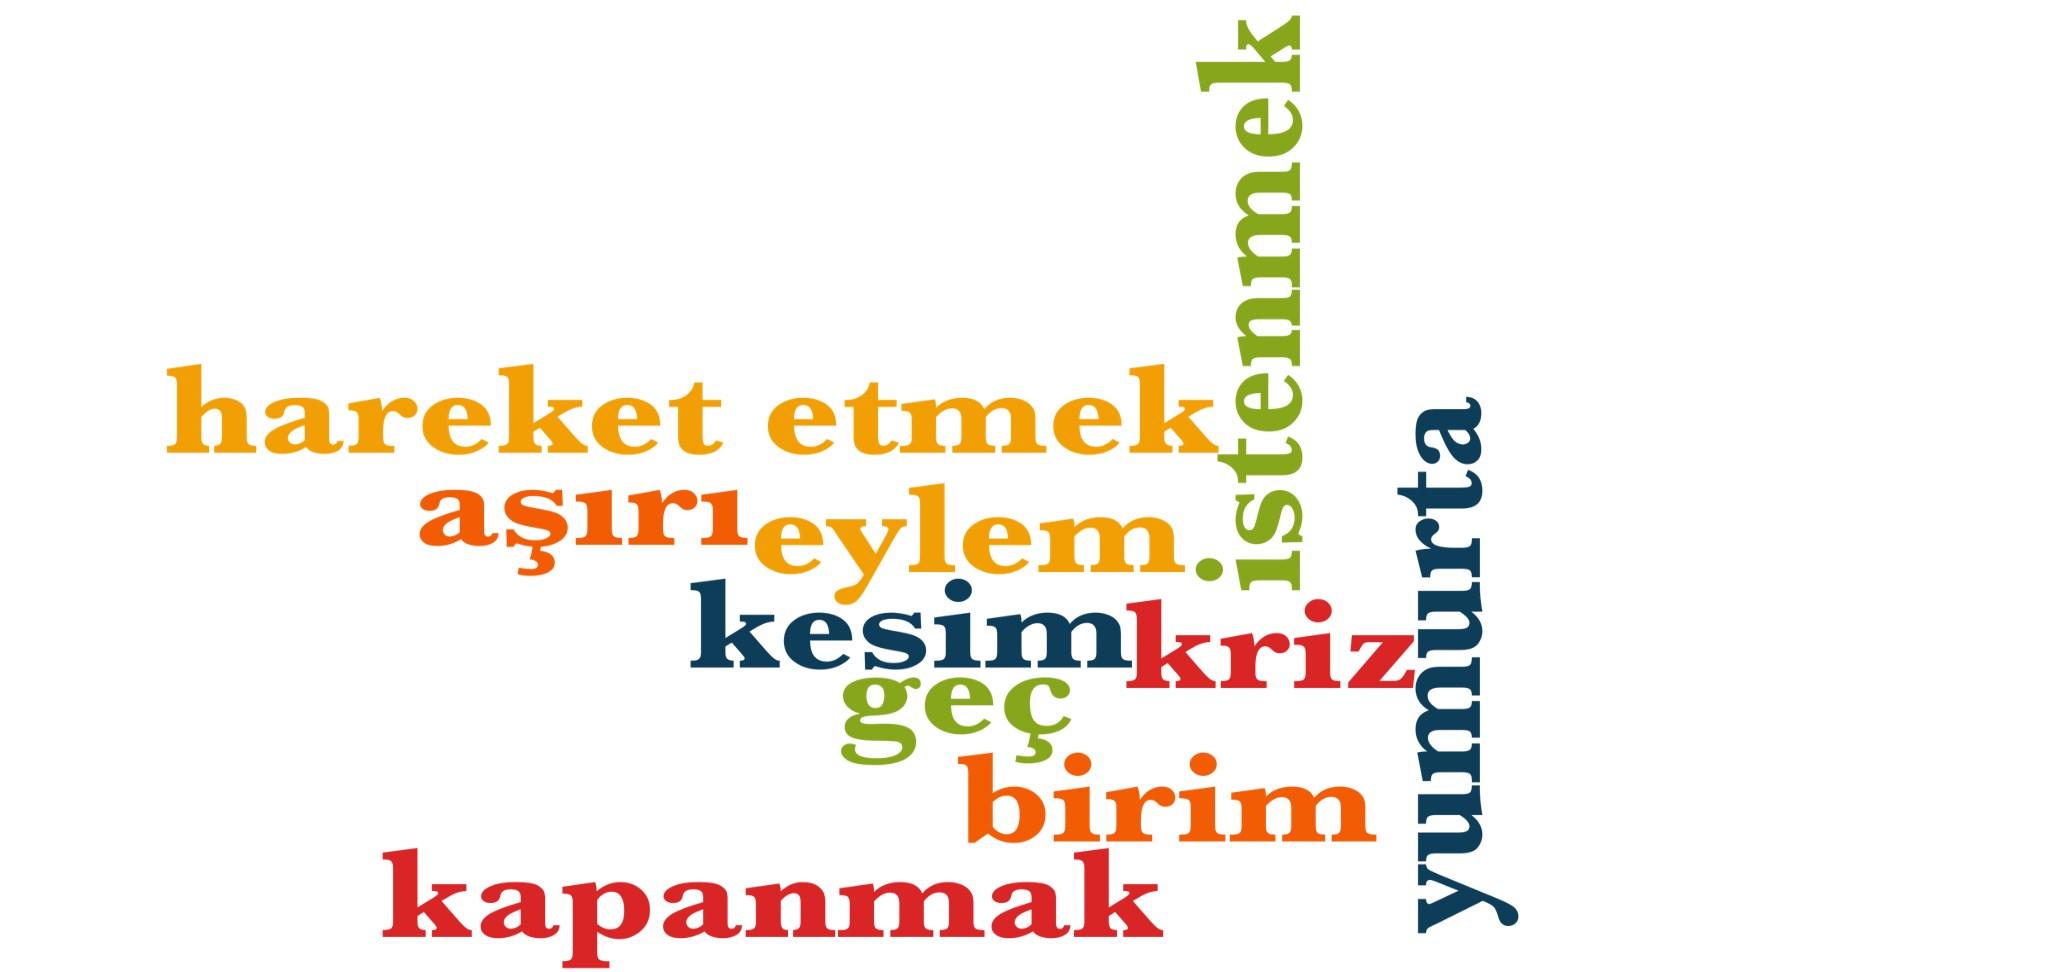 Wörter 991 bis 1000 der 1000 häufigsten Wörter der türkischen Sprache